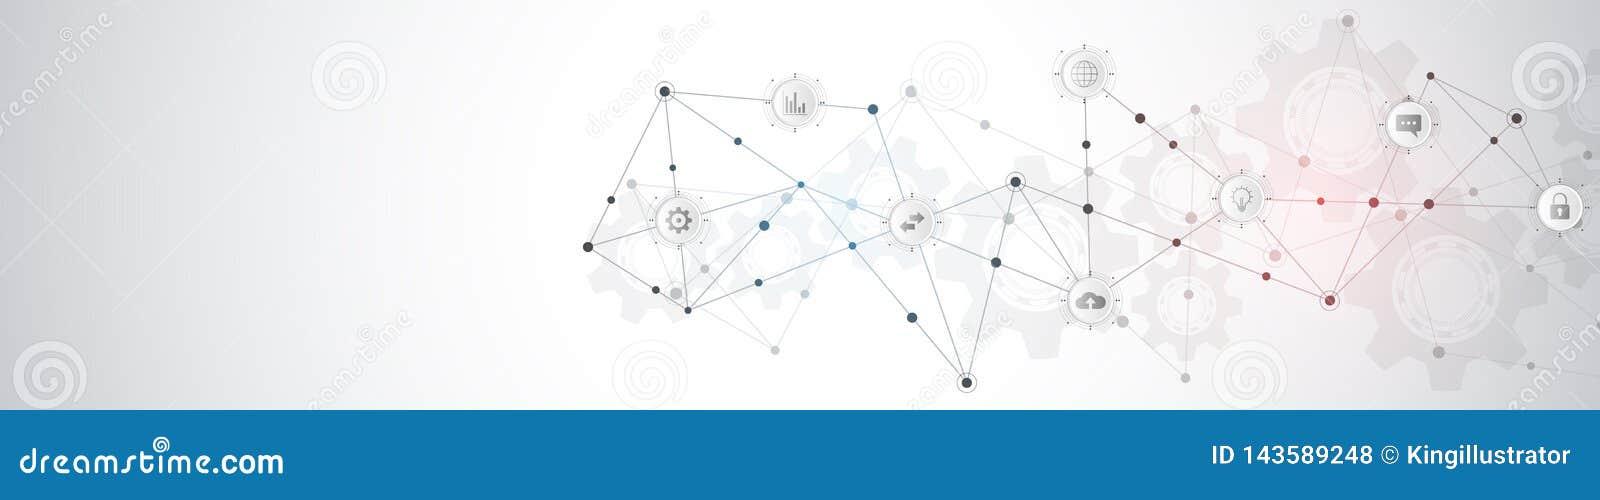 Diseño del jefe o de la bandera de la página web con la formación técnica abstracta y puntos y líneas de conexión E